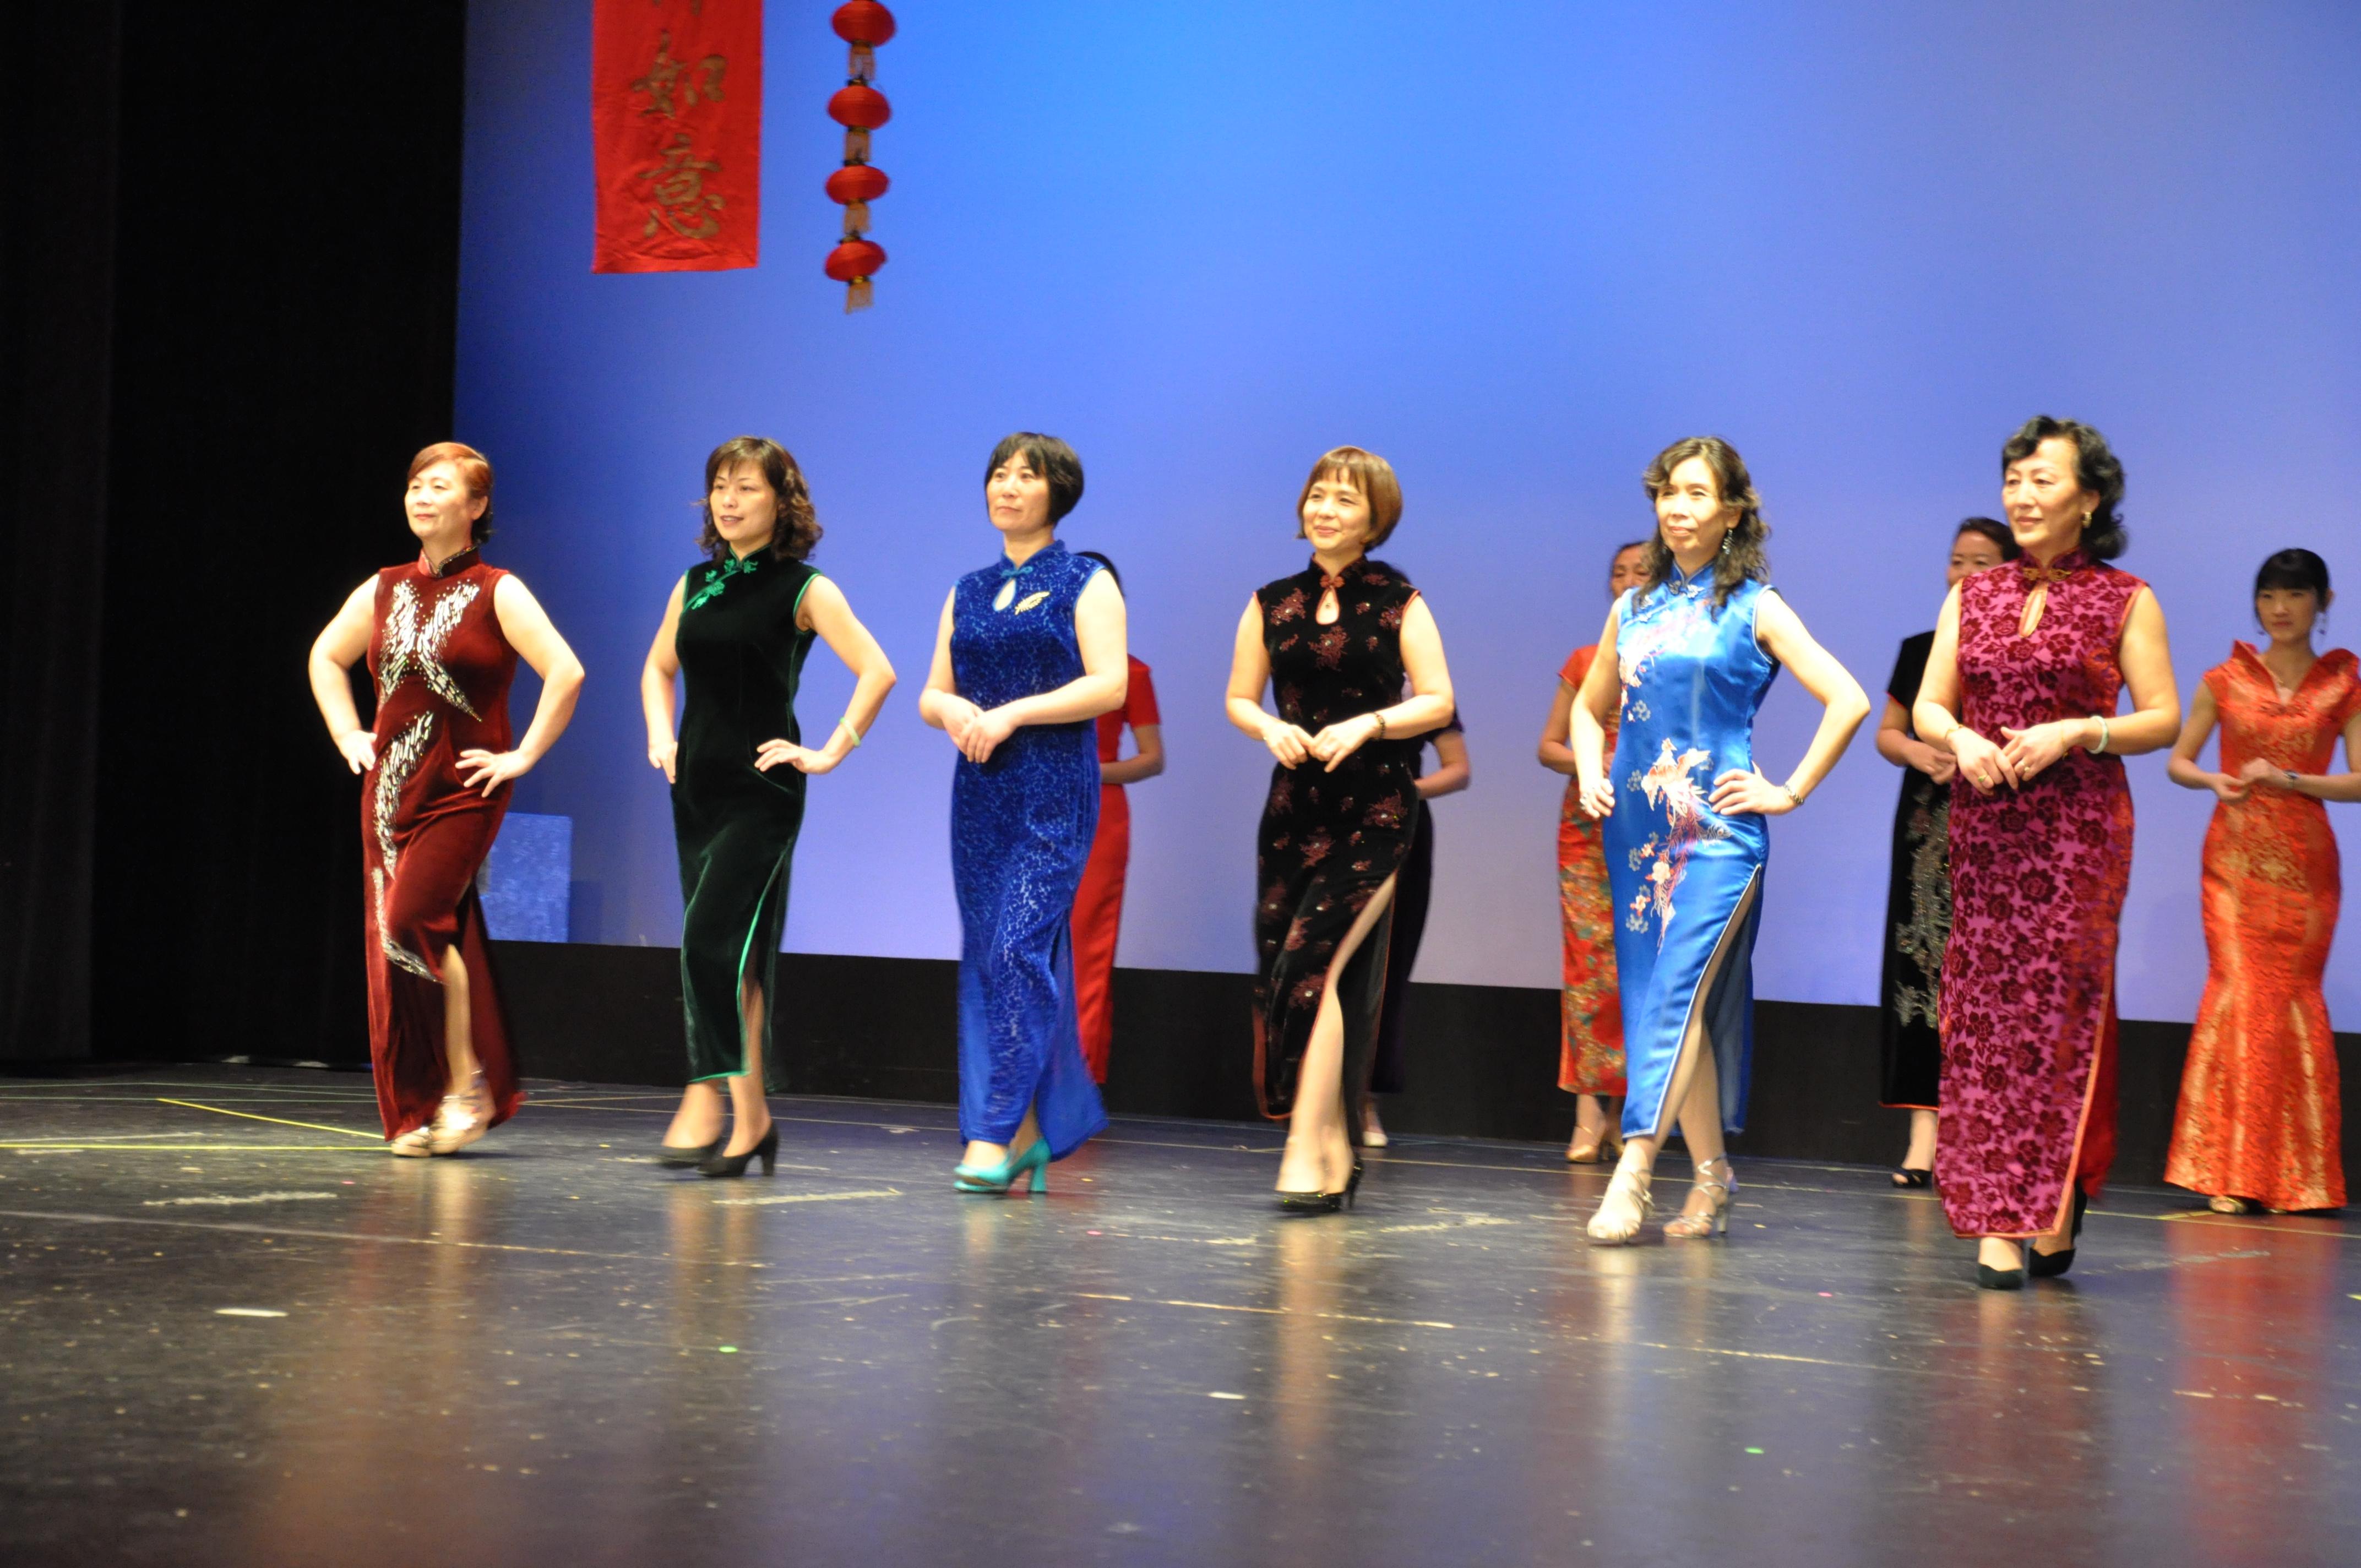 Xueqiong 1 2011